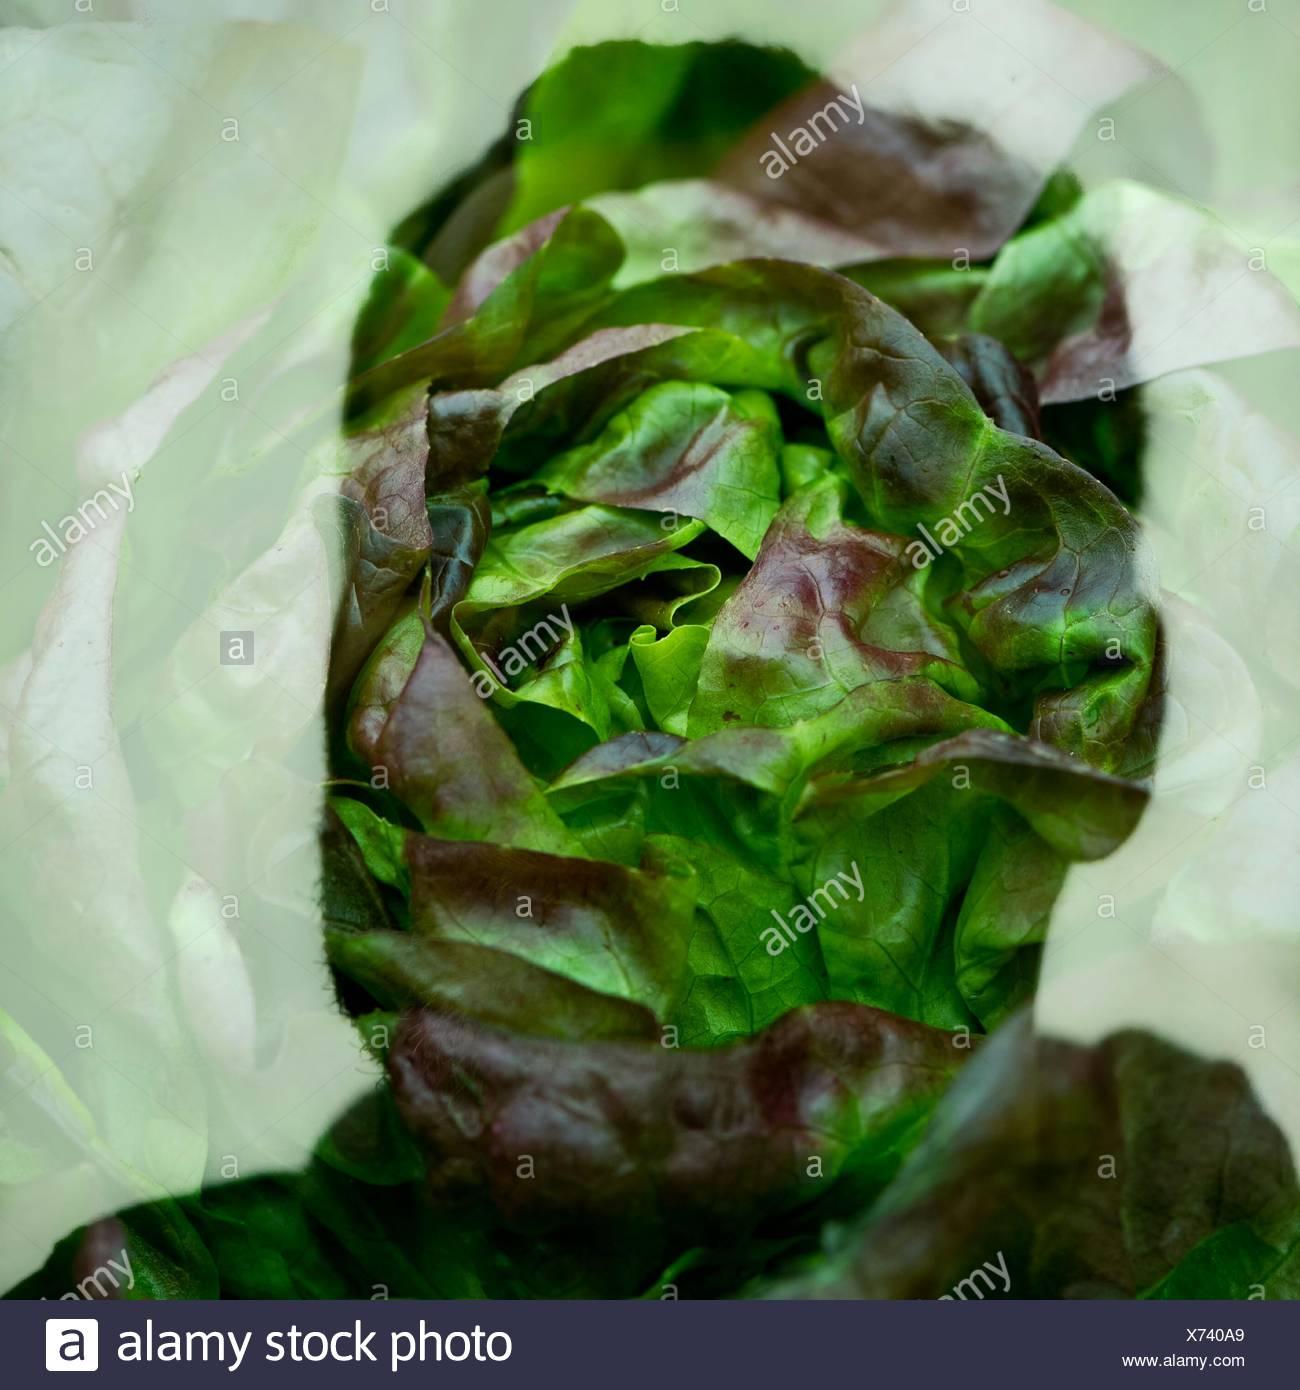 Imagen de doble exposición silueta Hombre y planta Imagen De Stock